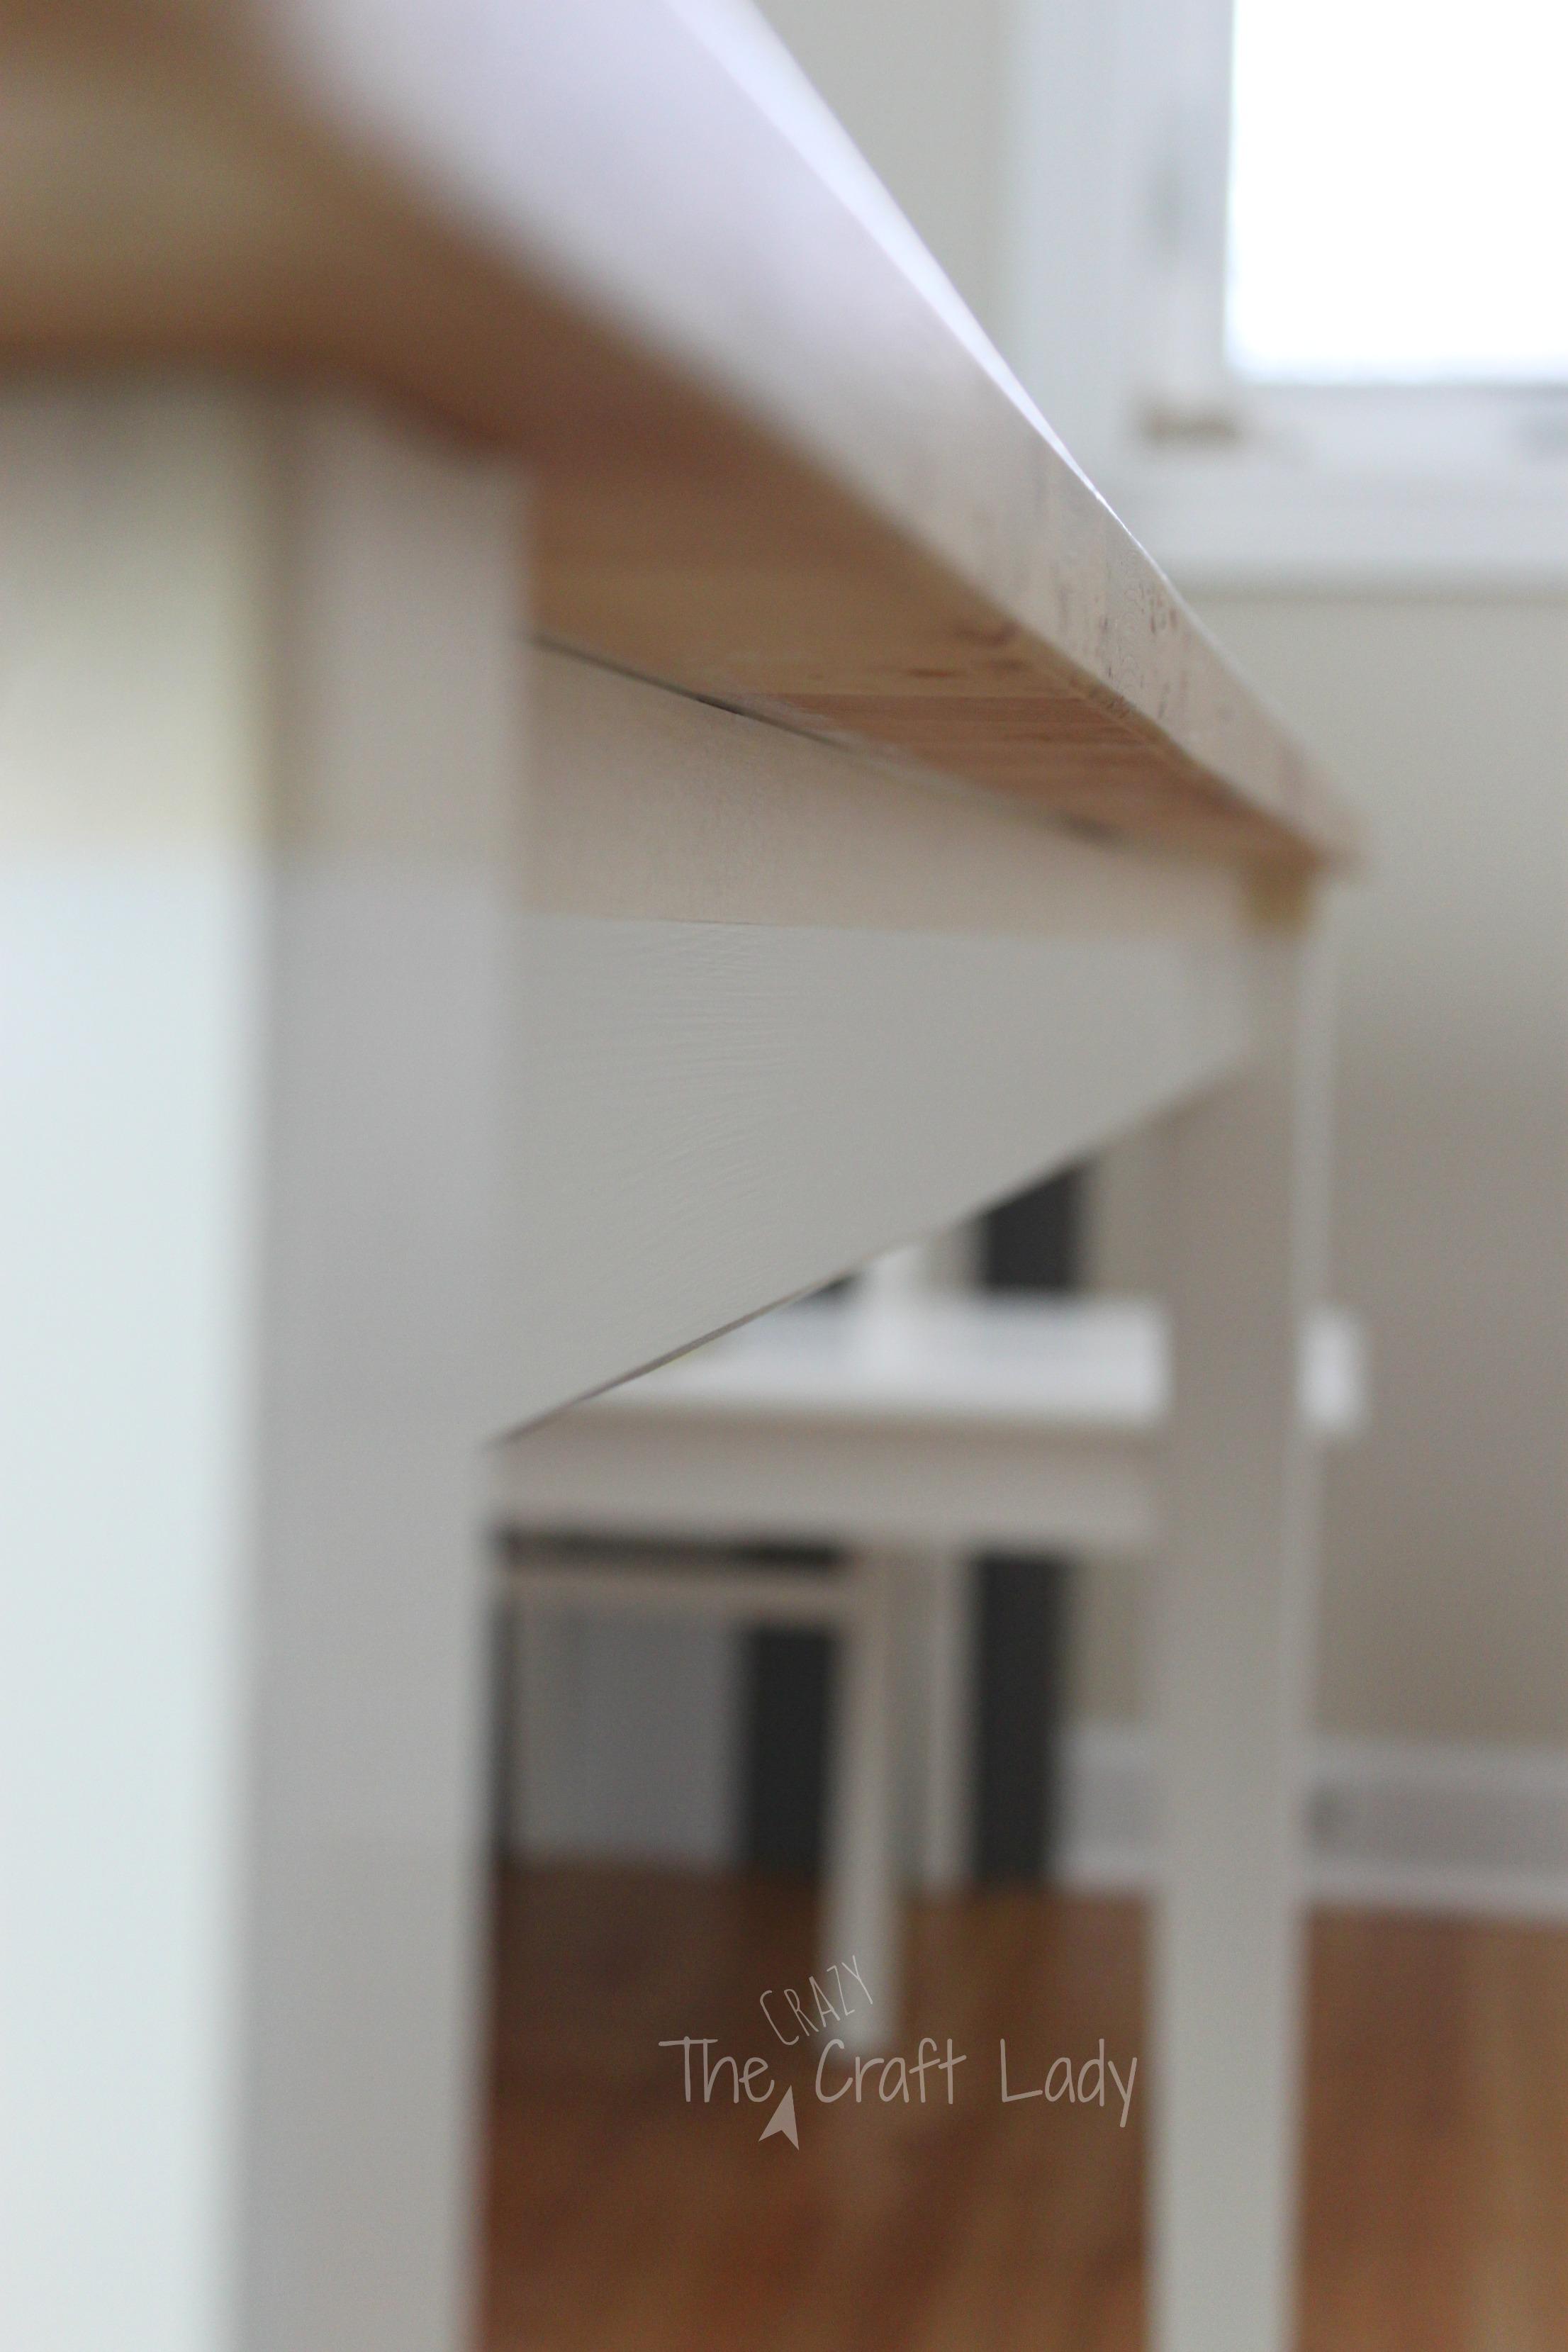 DIY Concrete Table Top Tutorial